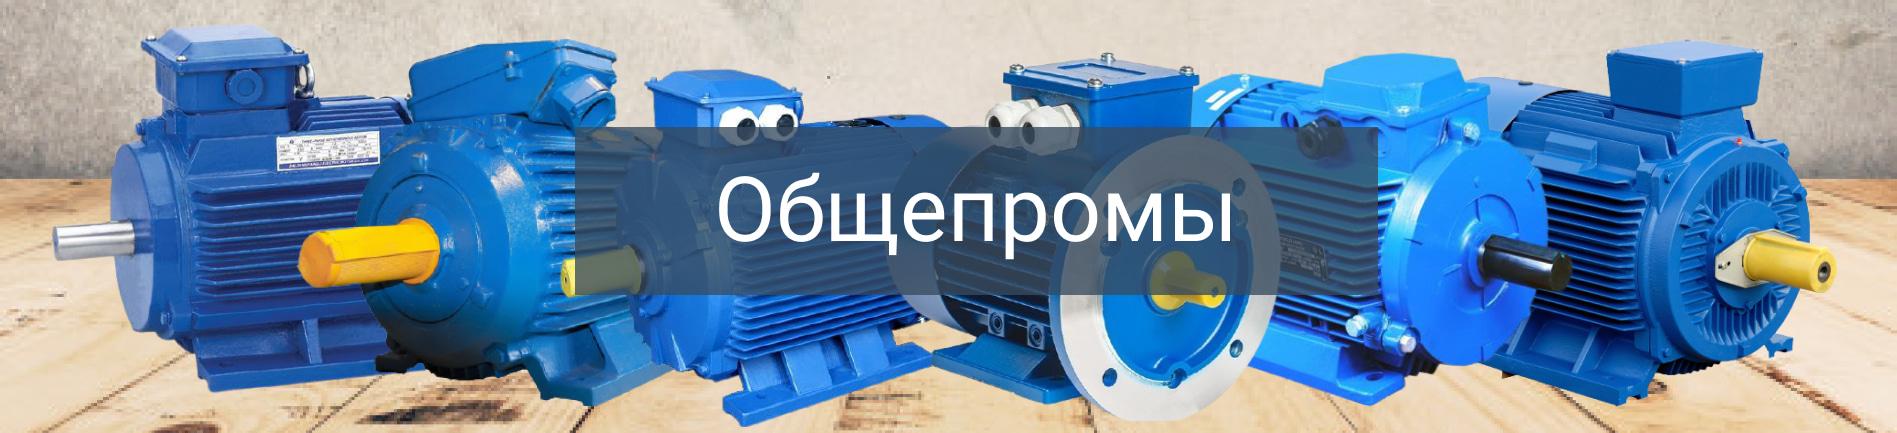 Общепромышленные электродвигатели 90 квт